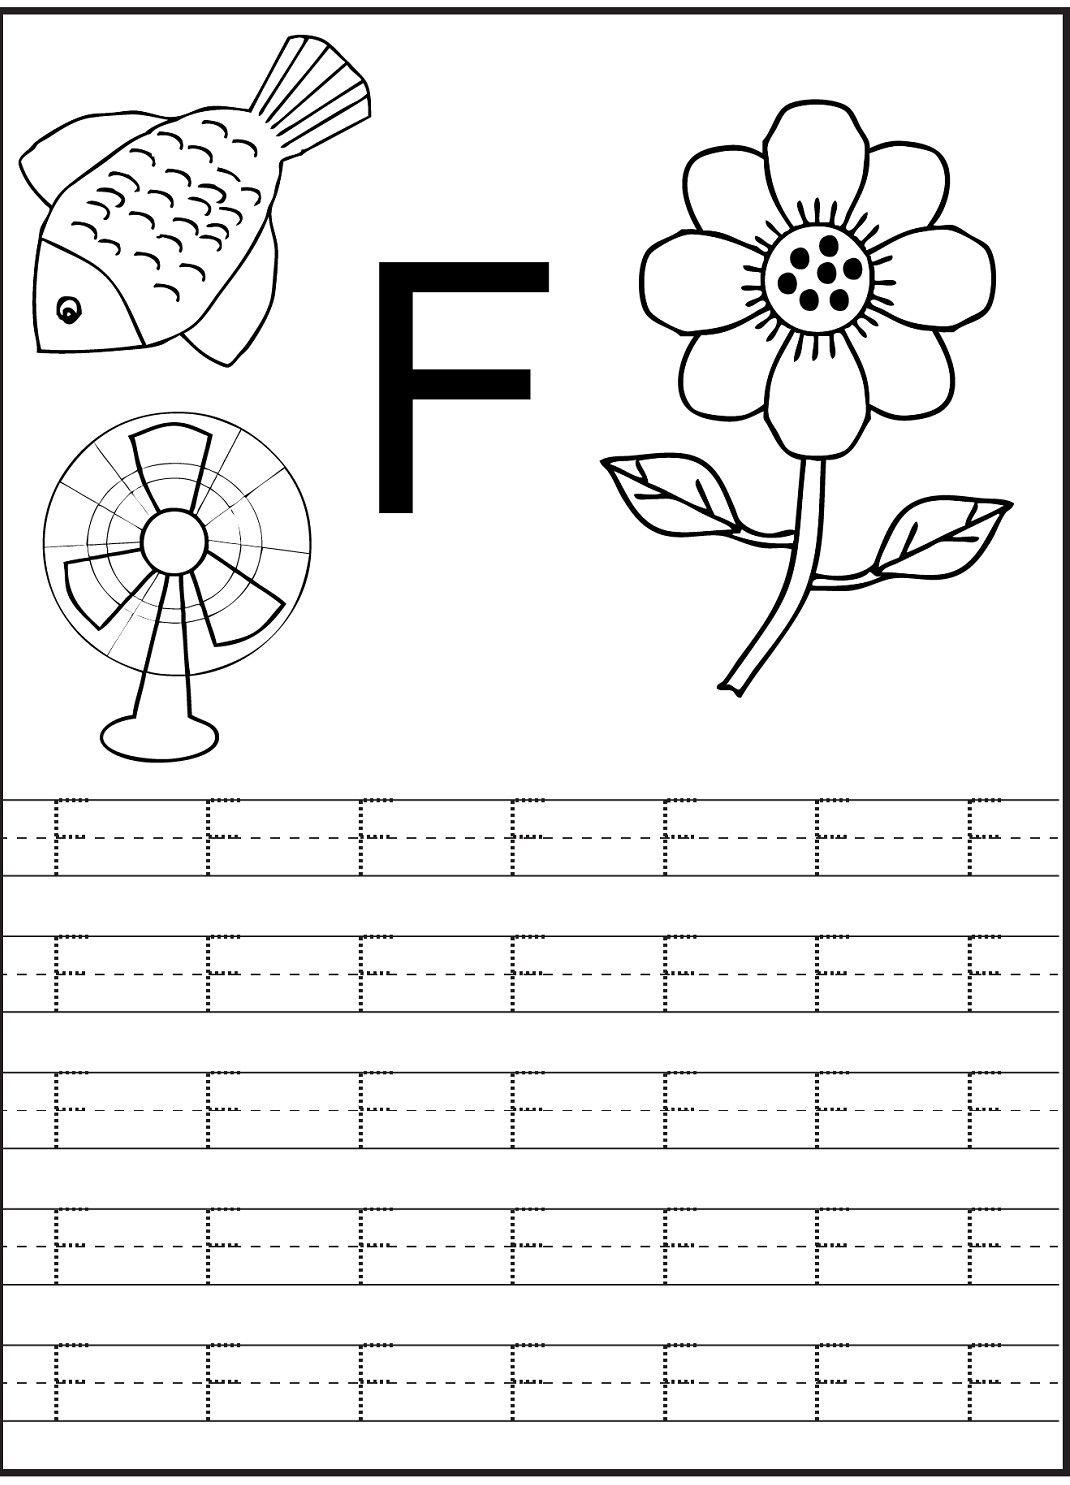 2 Letter T Writing Practice Worksheet Printable Letter F Worksheet For Pres Alphabet Writing Worksheets Letter Tracing Worksheets Alphabet Worksheets Preschool [ 1485 x 1070 Pixel ]